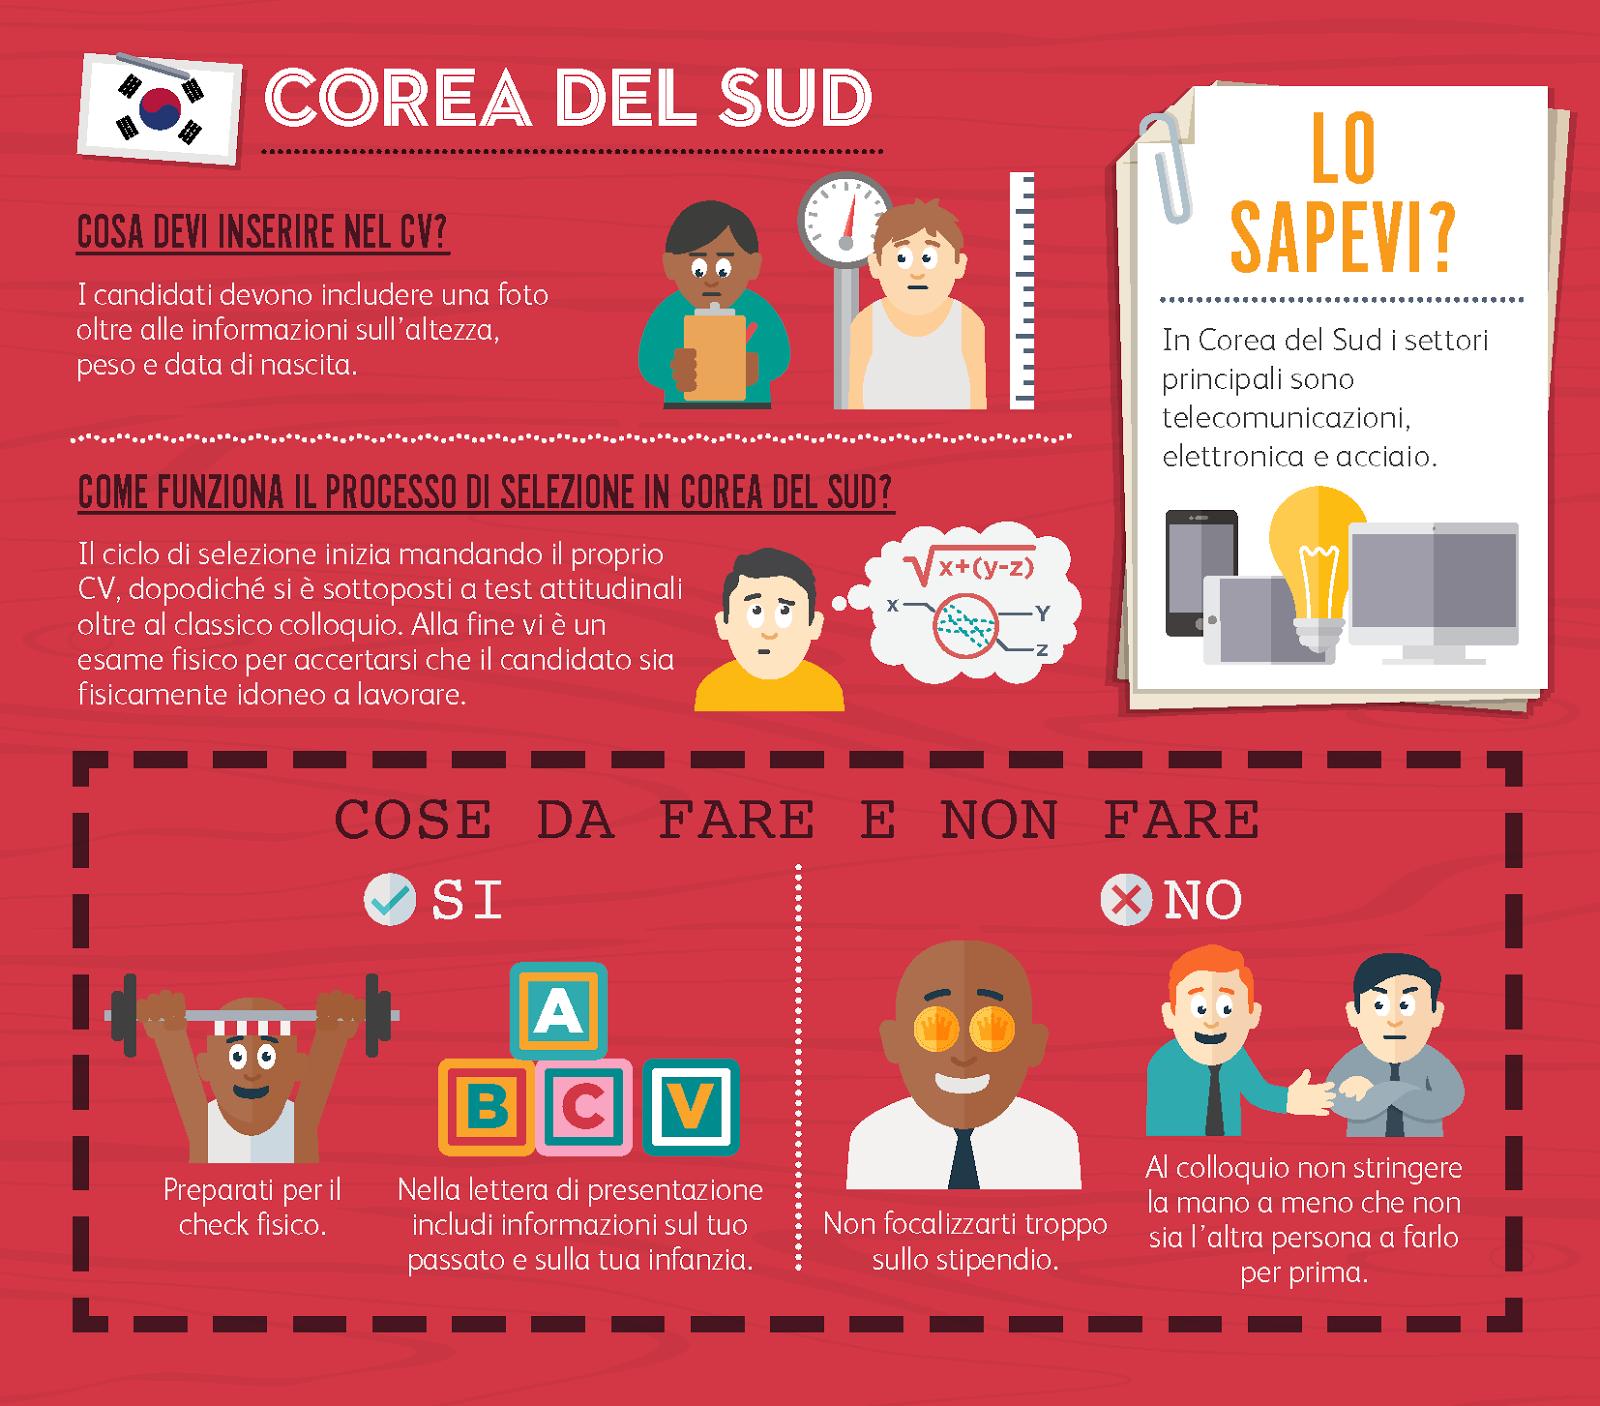 Cercare lavoro all'estero: ecco come preparare il curriculum